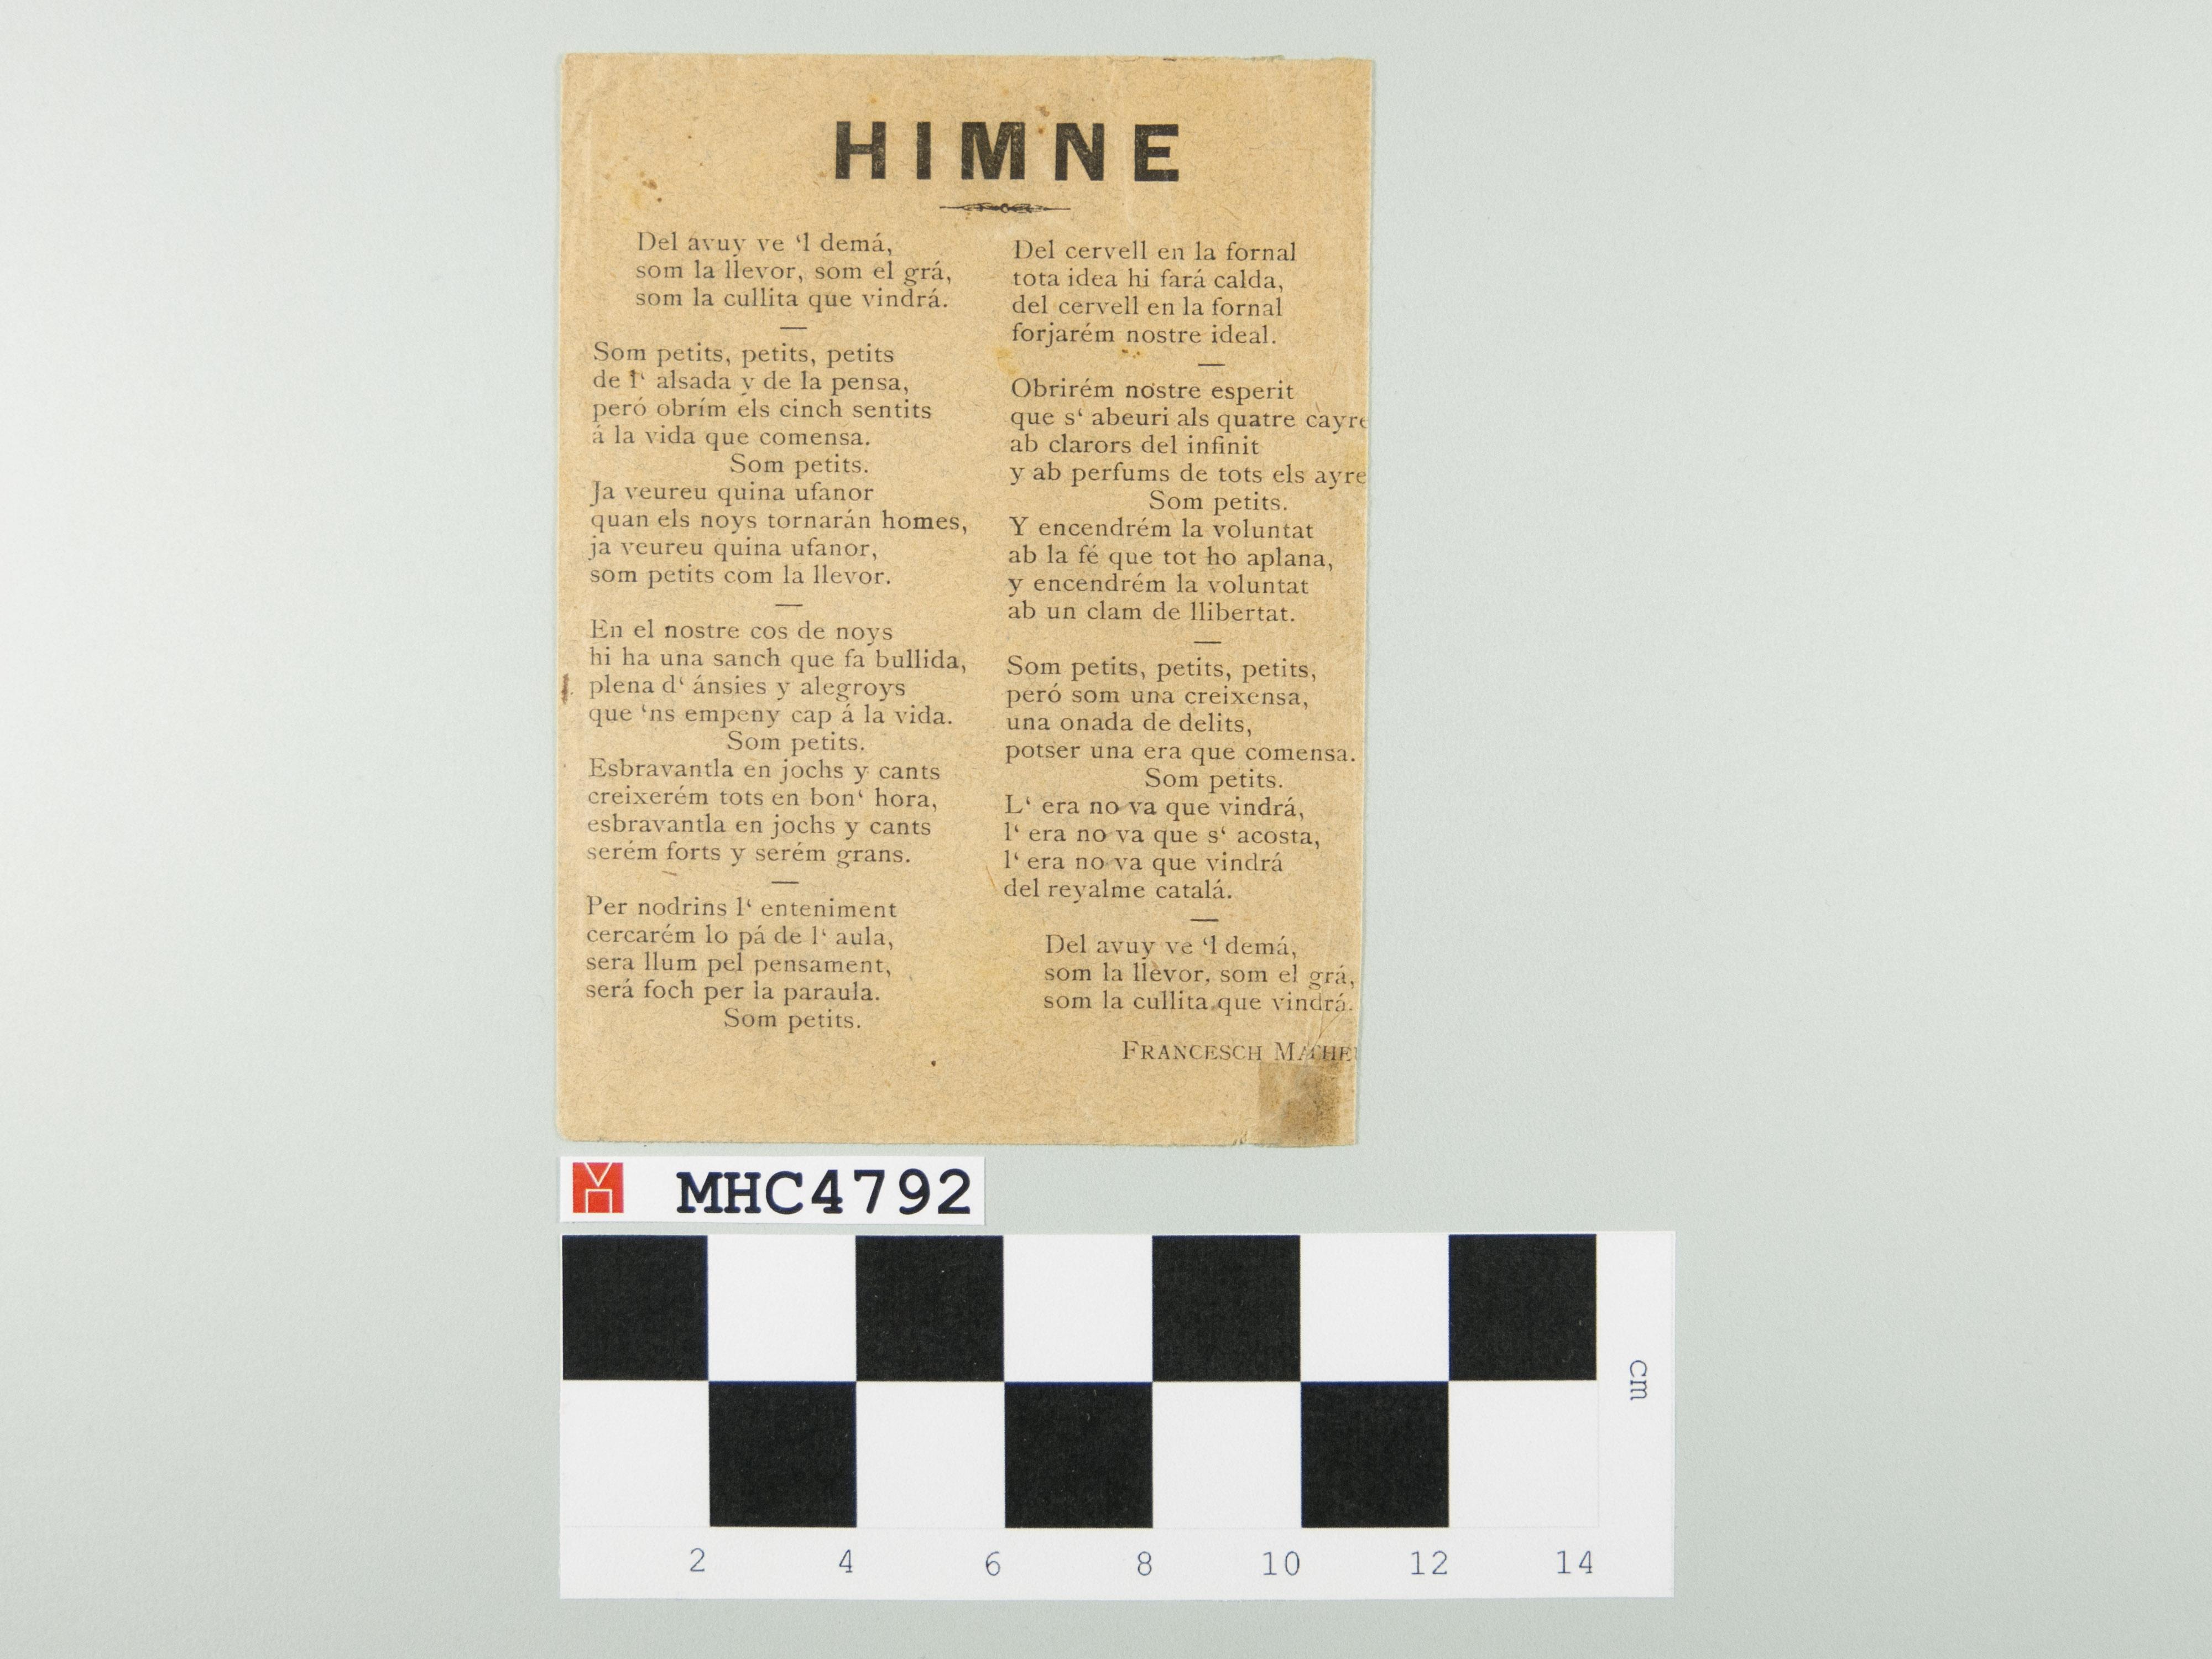 Himne